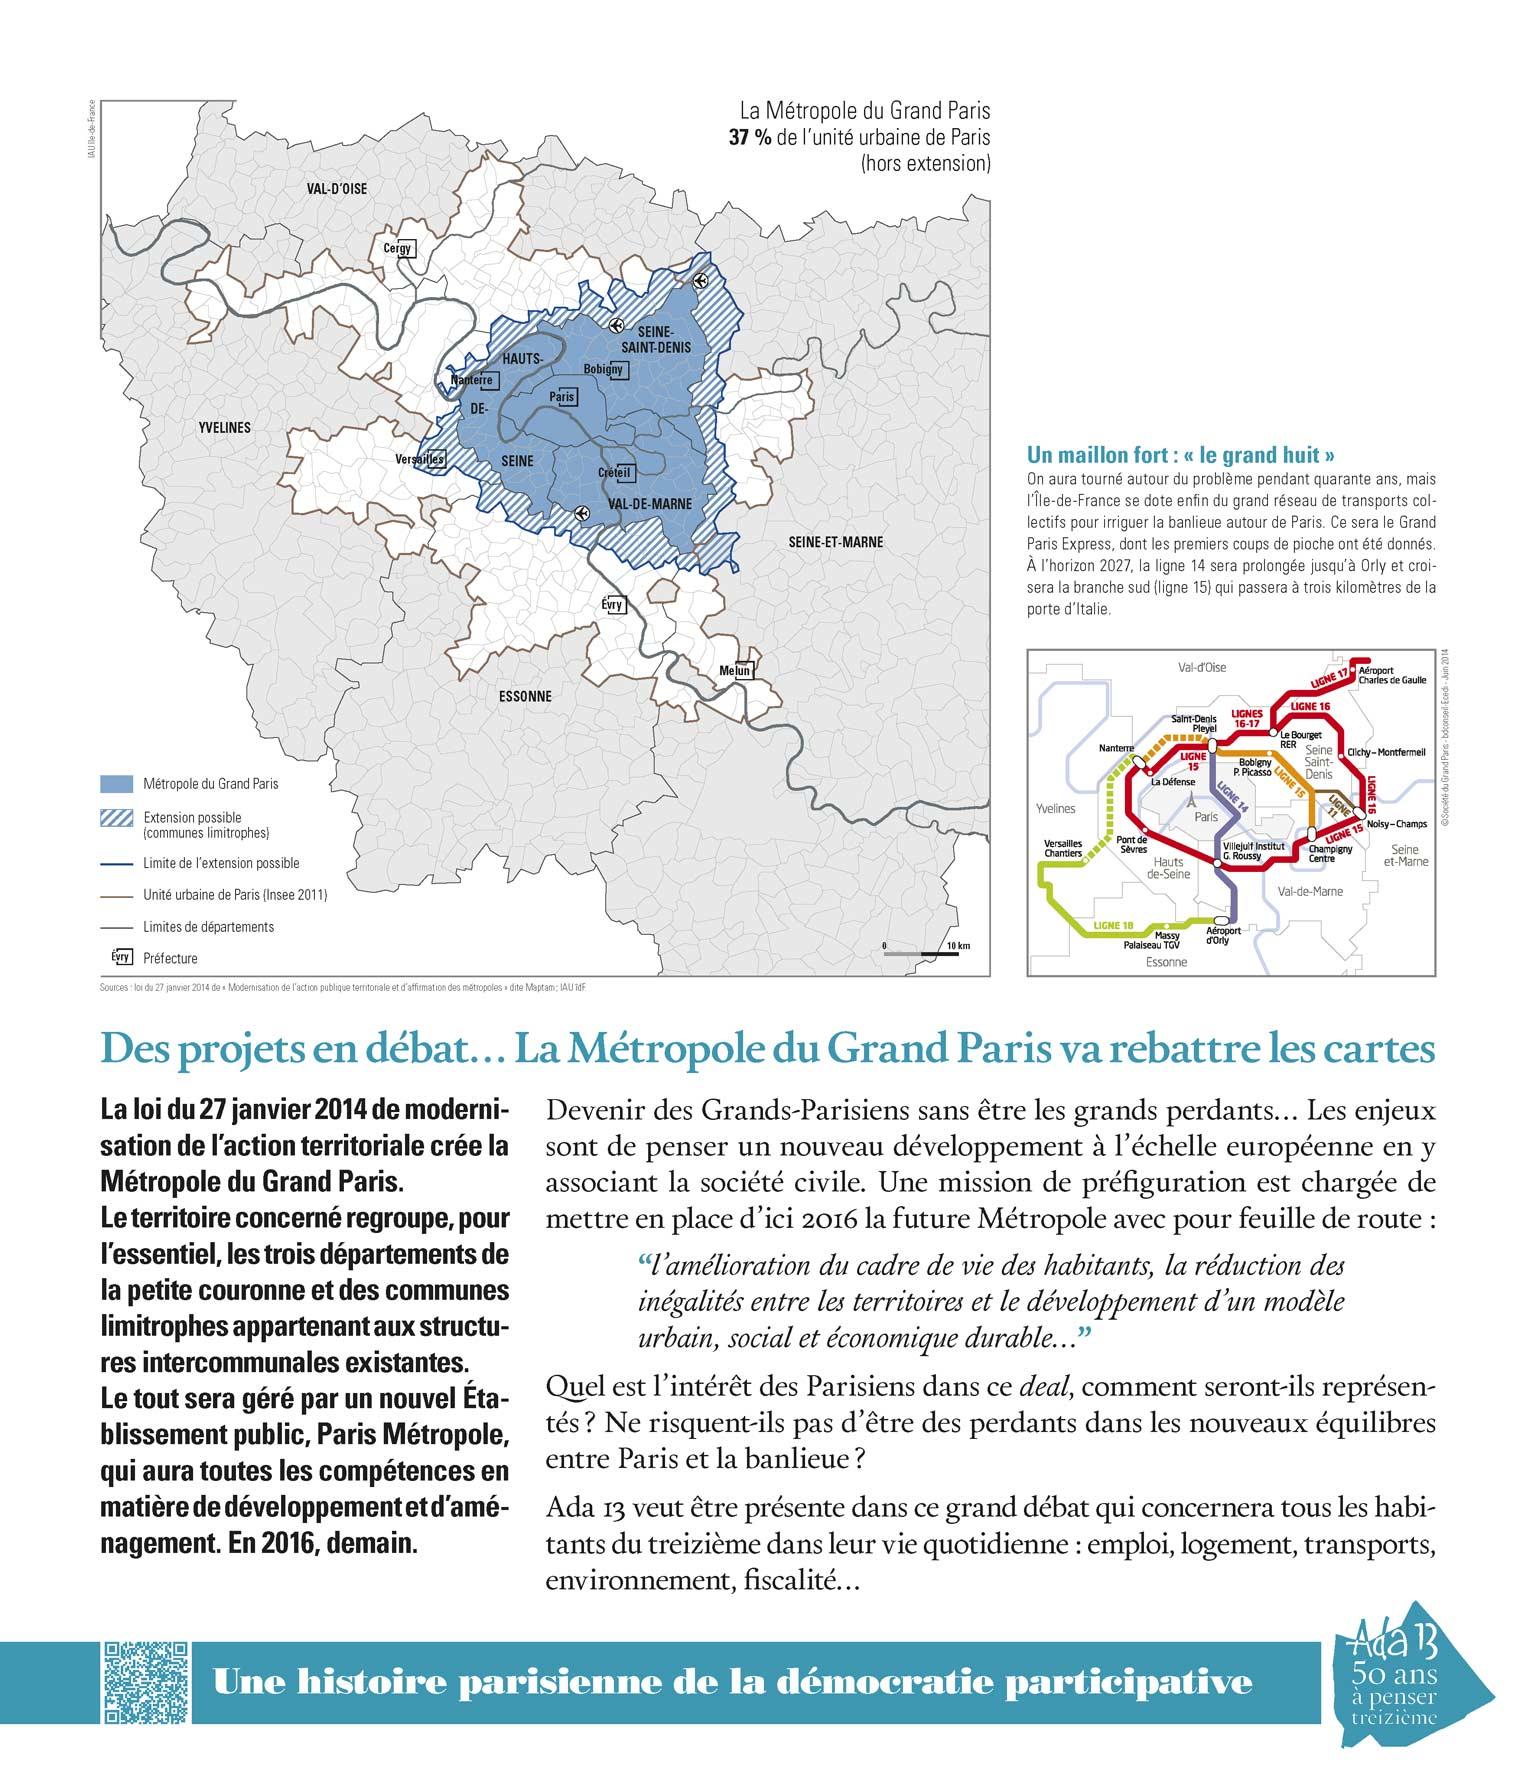 Panneau d'exposition | Des projets en débat… La Métropole du Grand Paris va rebattre les cartes